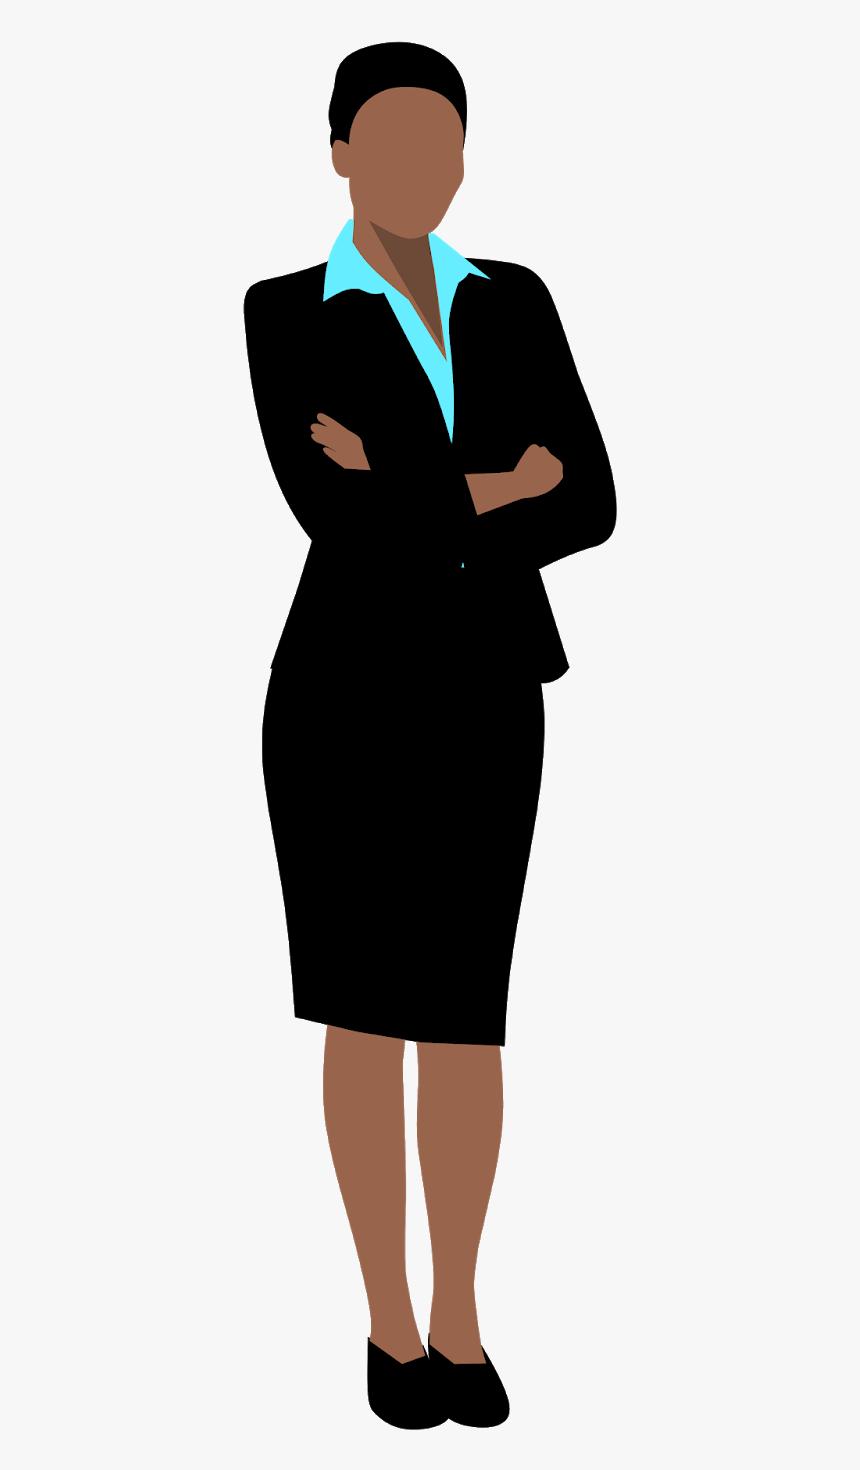 Gambar Kartun Wanita Png Image Gambar Kartun Wanita Bisnis Berdiri Keren Hd Png Download